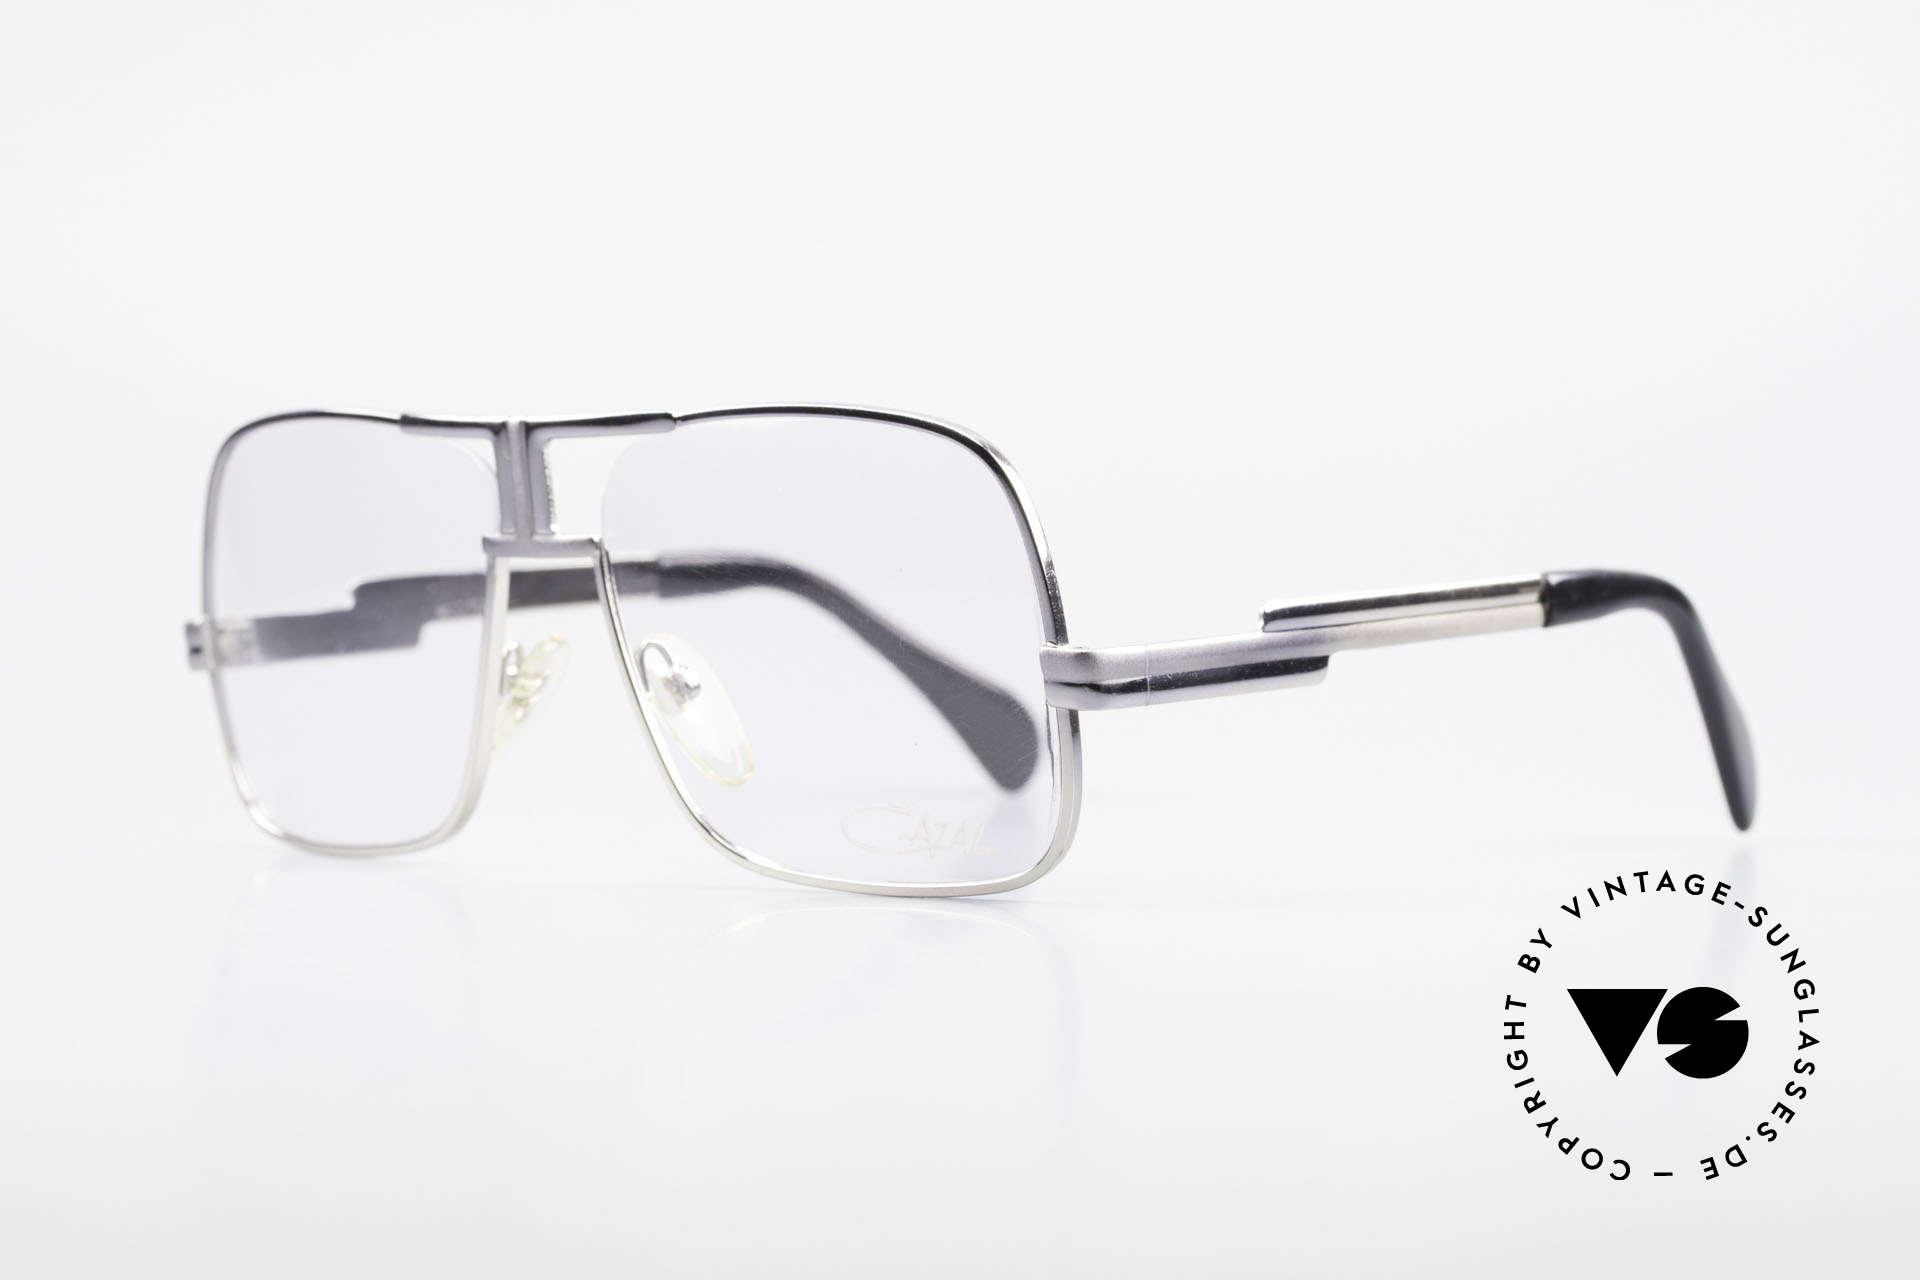 Cazal 701 Ultra Seltene Cazal 70er Brille, einzigartiger Lackierungsverlauf von grau zu silber, Passend für Herren